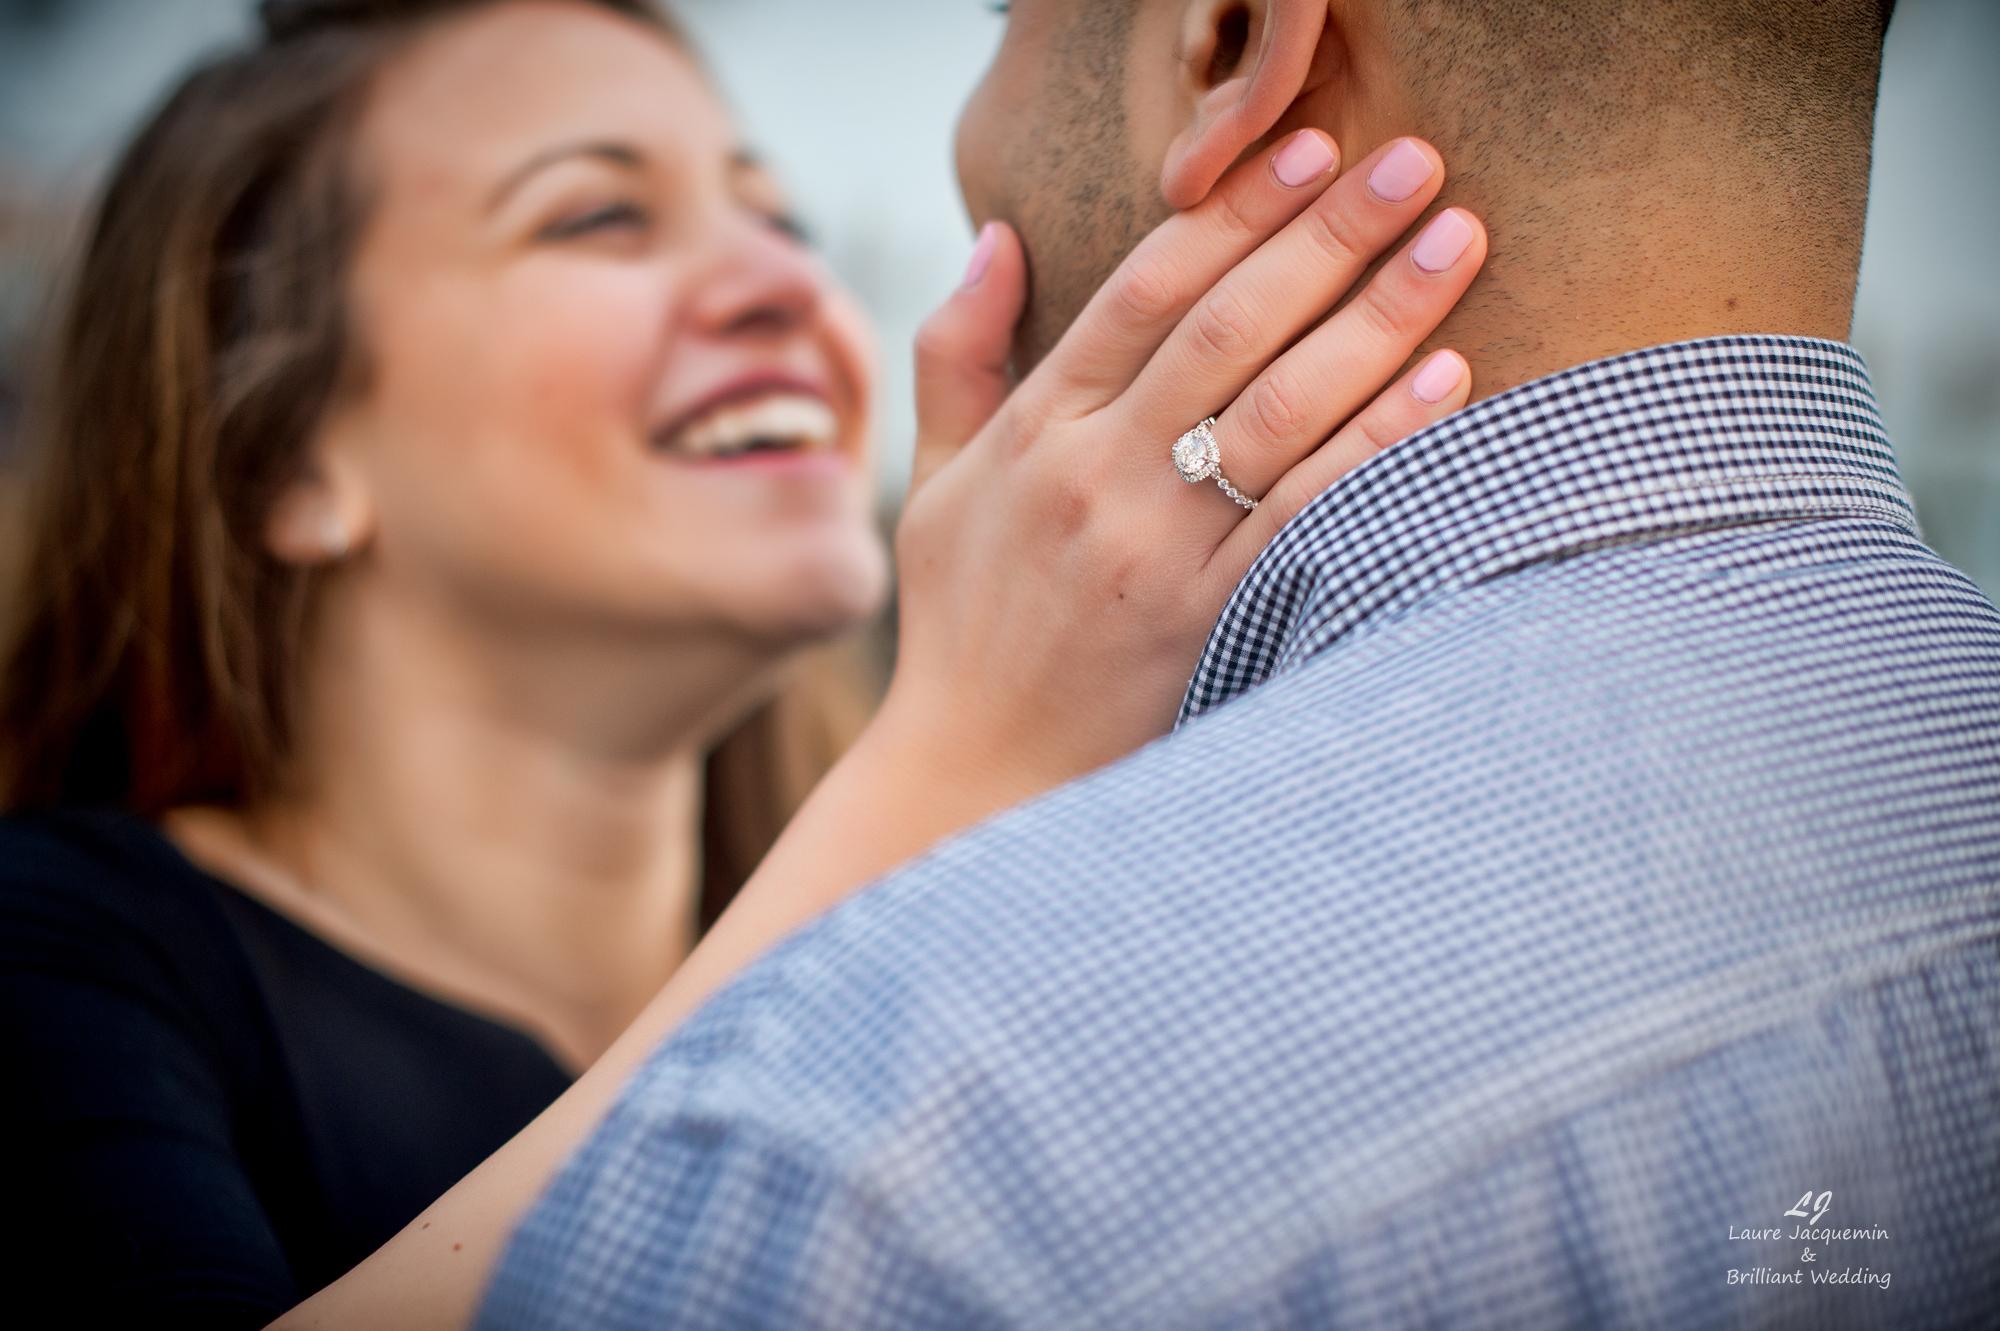 Mariage Venise Photographe fiancailles demande en mariage laure jacquemin   (20)